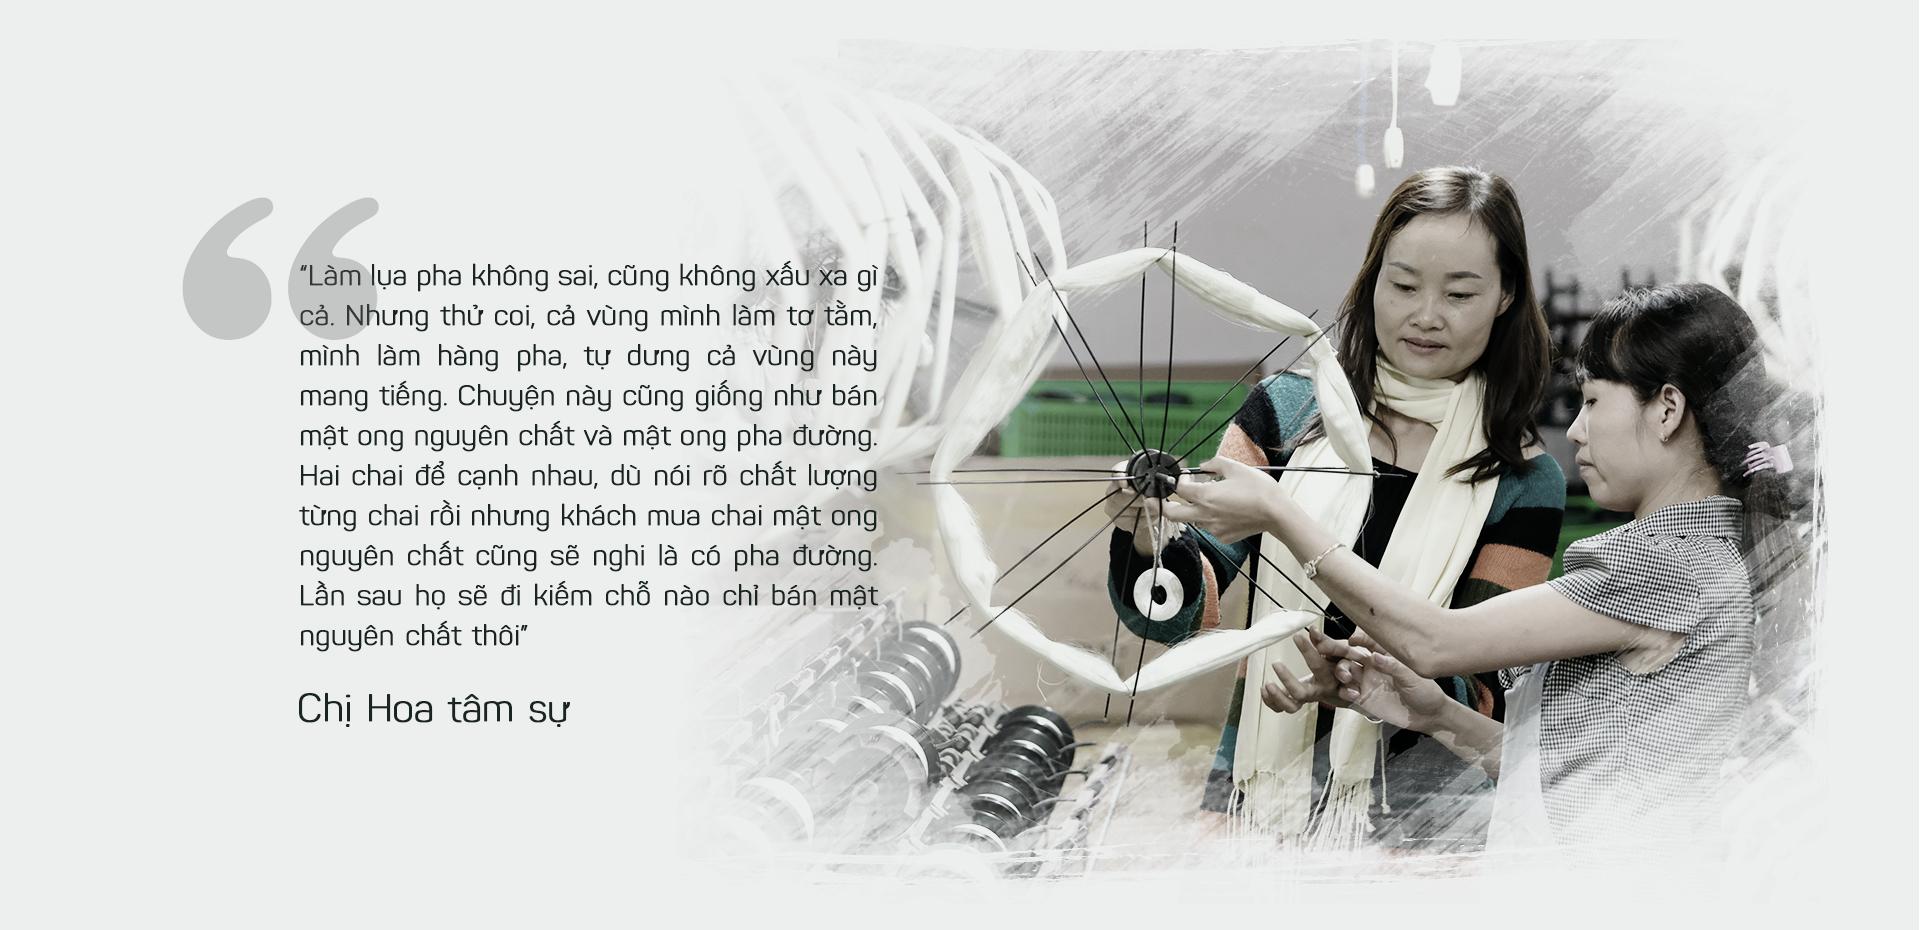 Tơ lụa Việt Nam: Dốc toàn lực cho cuộc hóa thân mới - Ảnh 2.